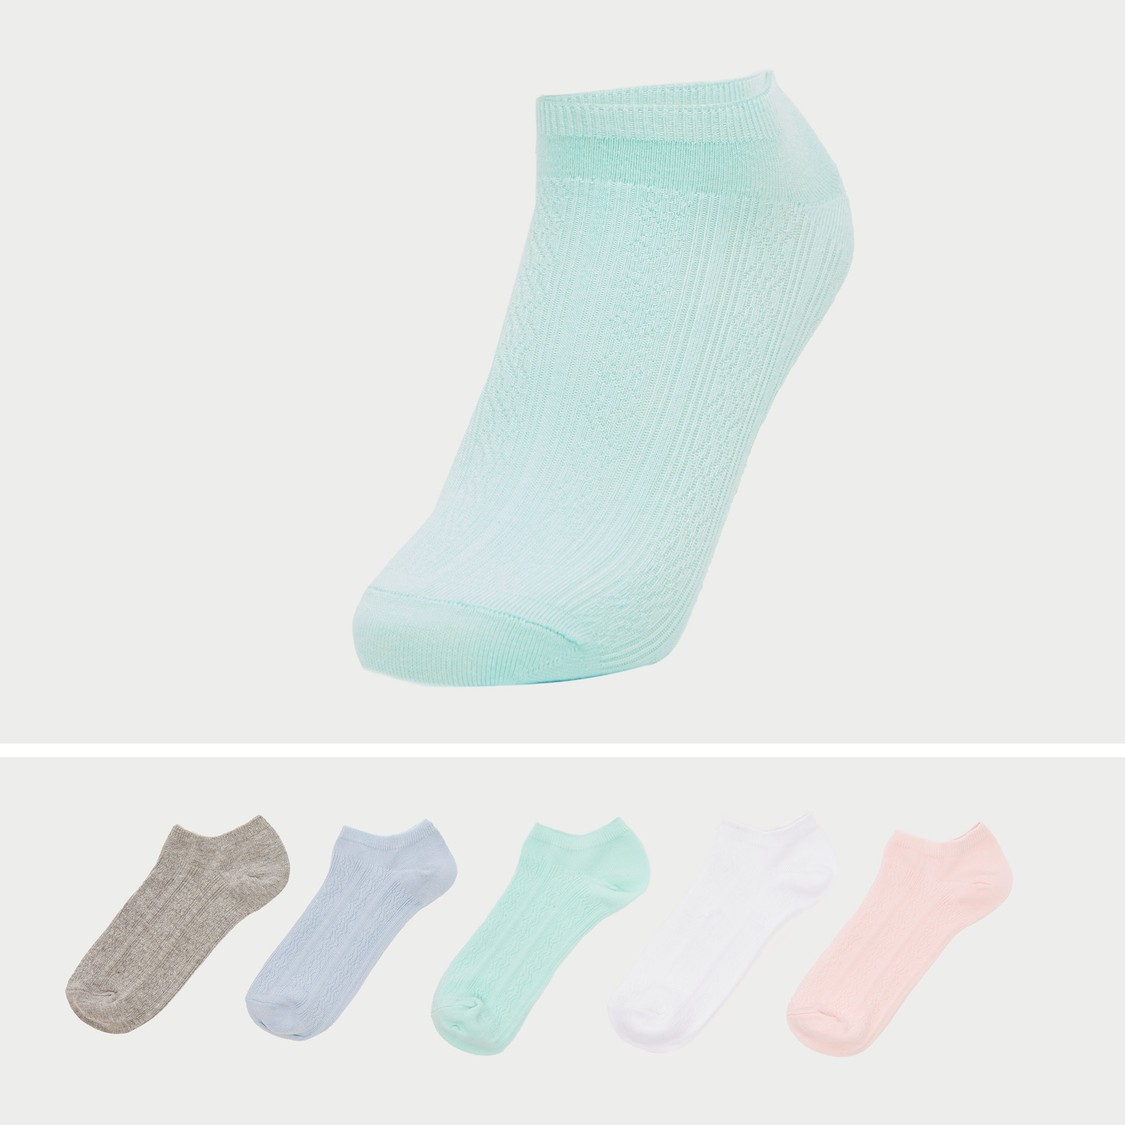 Set of 5 - Textured Socks